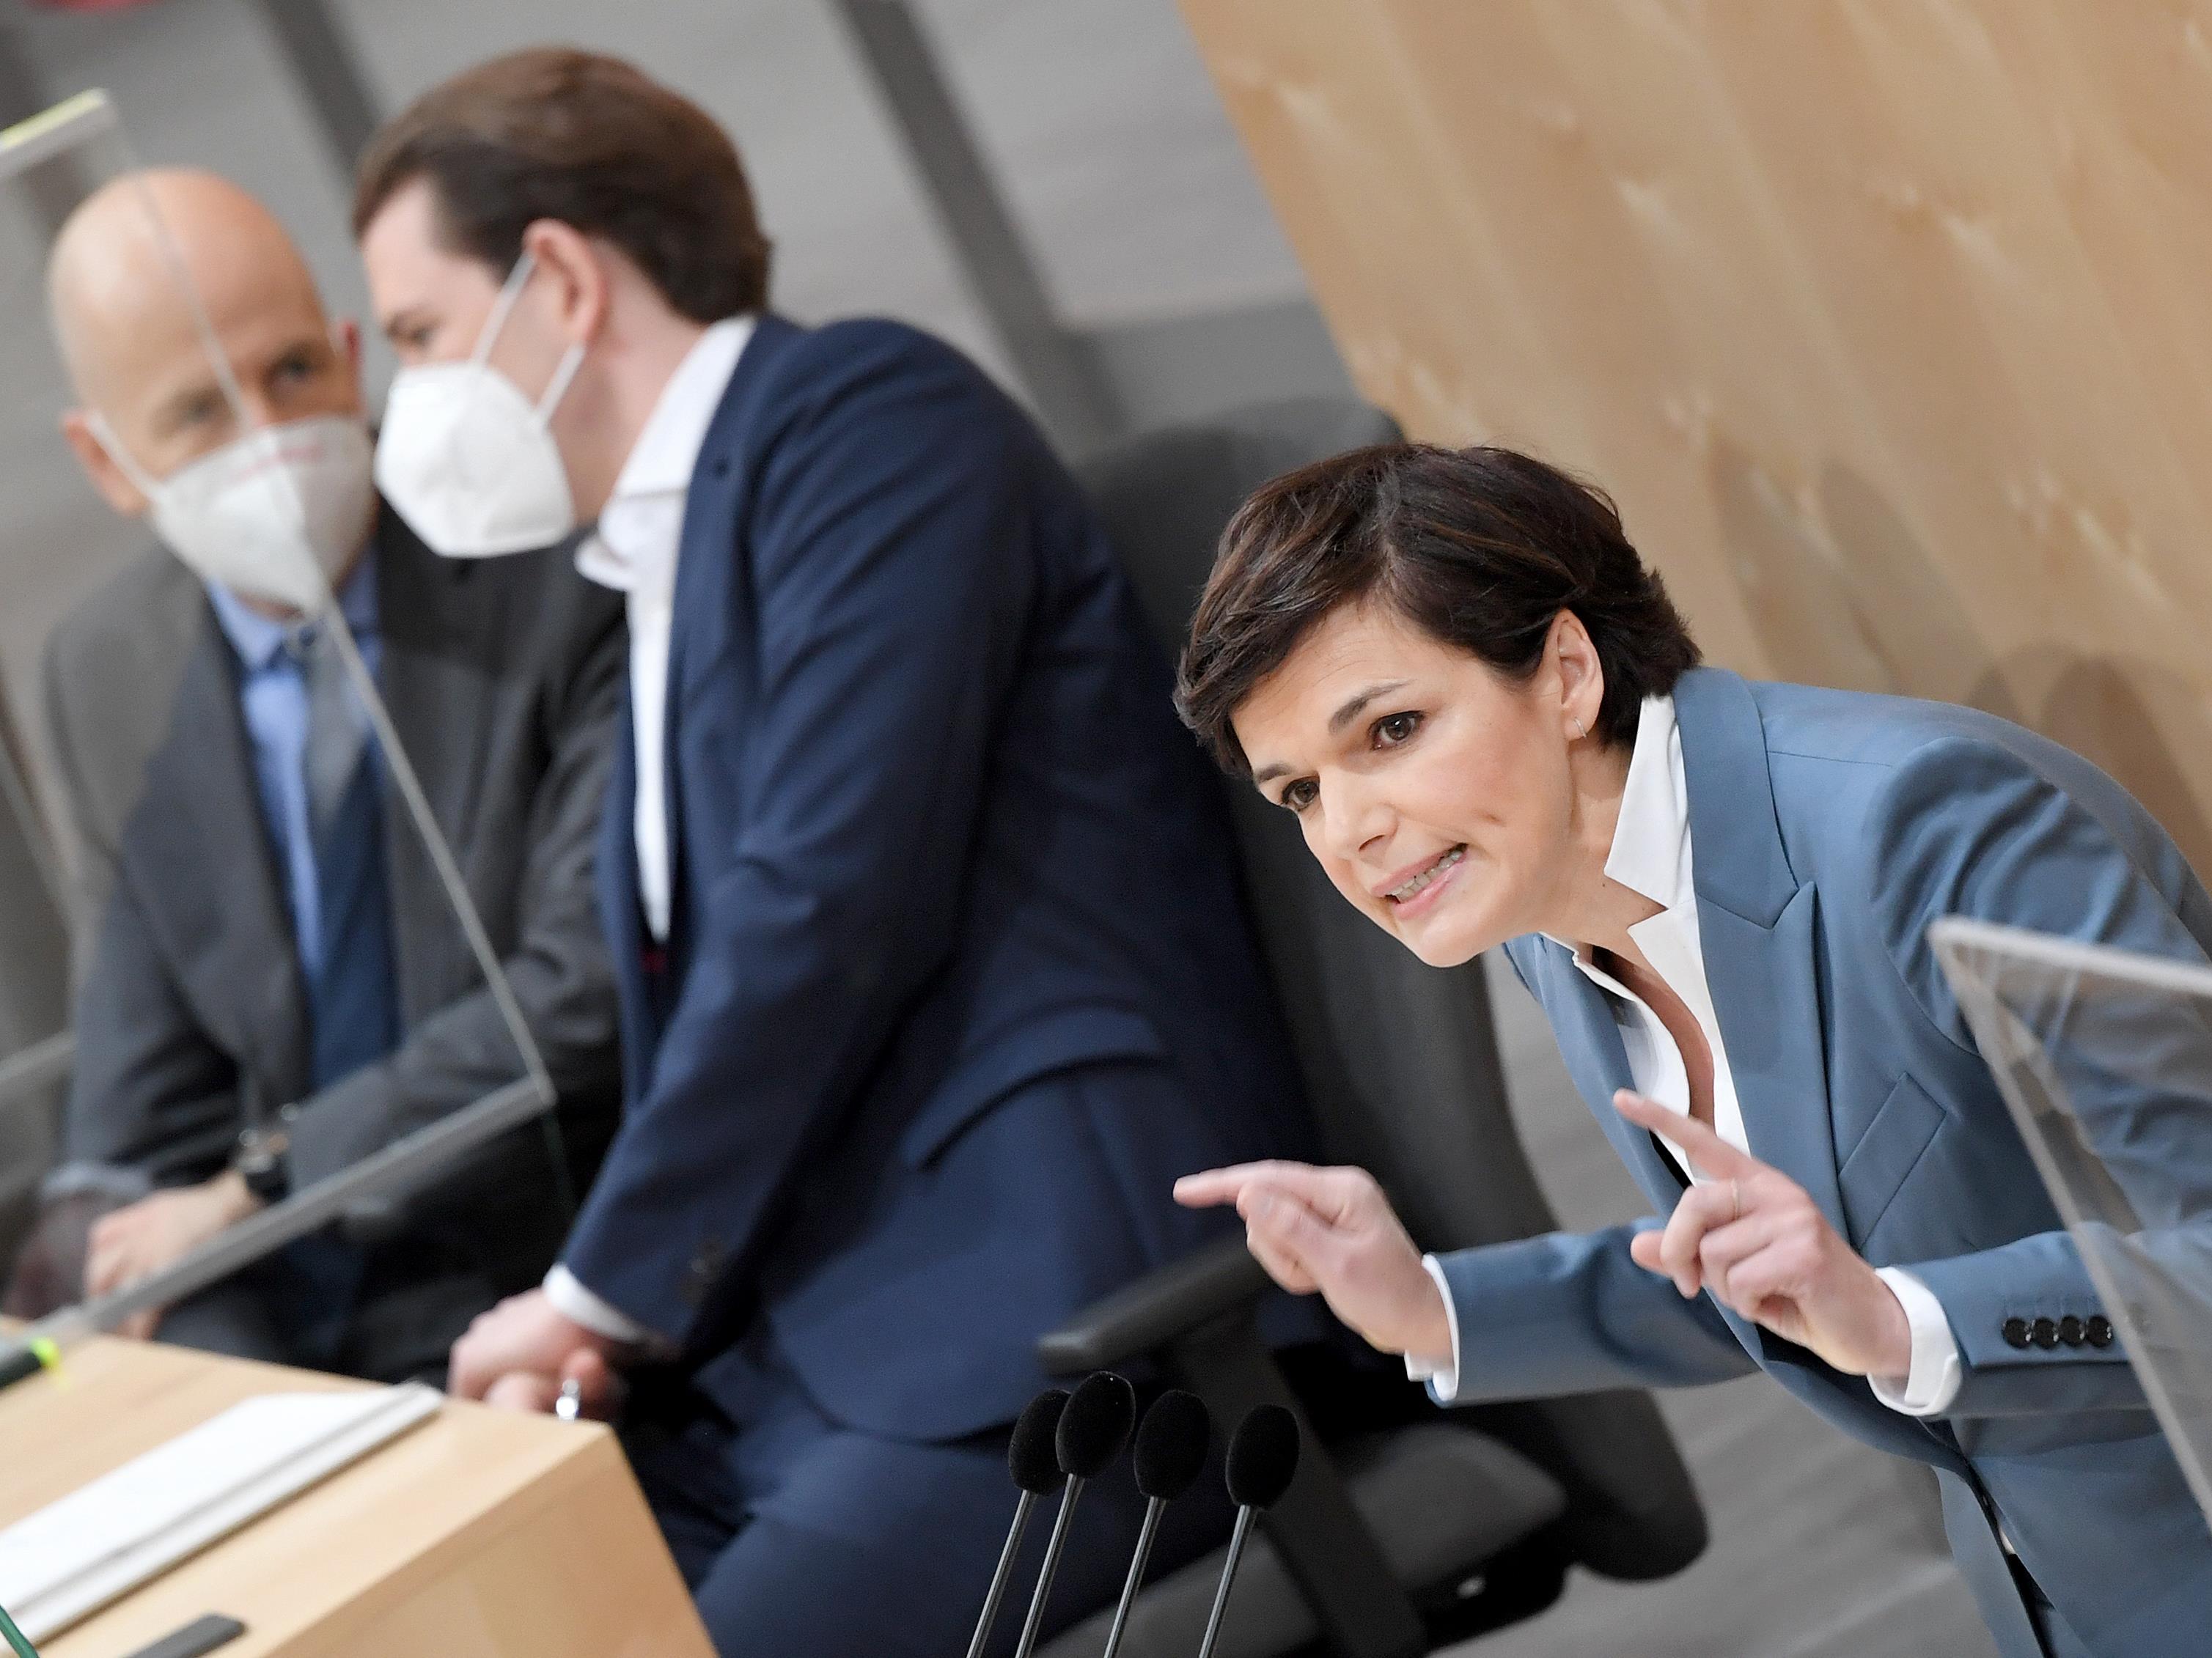 """Laut Rendi-Wagner seien die Hilfen """"zu wenig, zu spät und zu bürokratisch""""."""